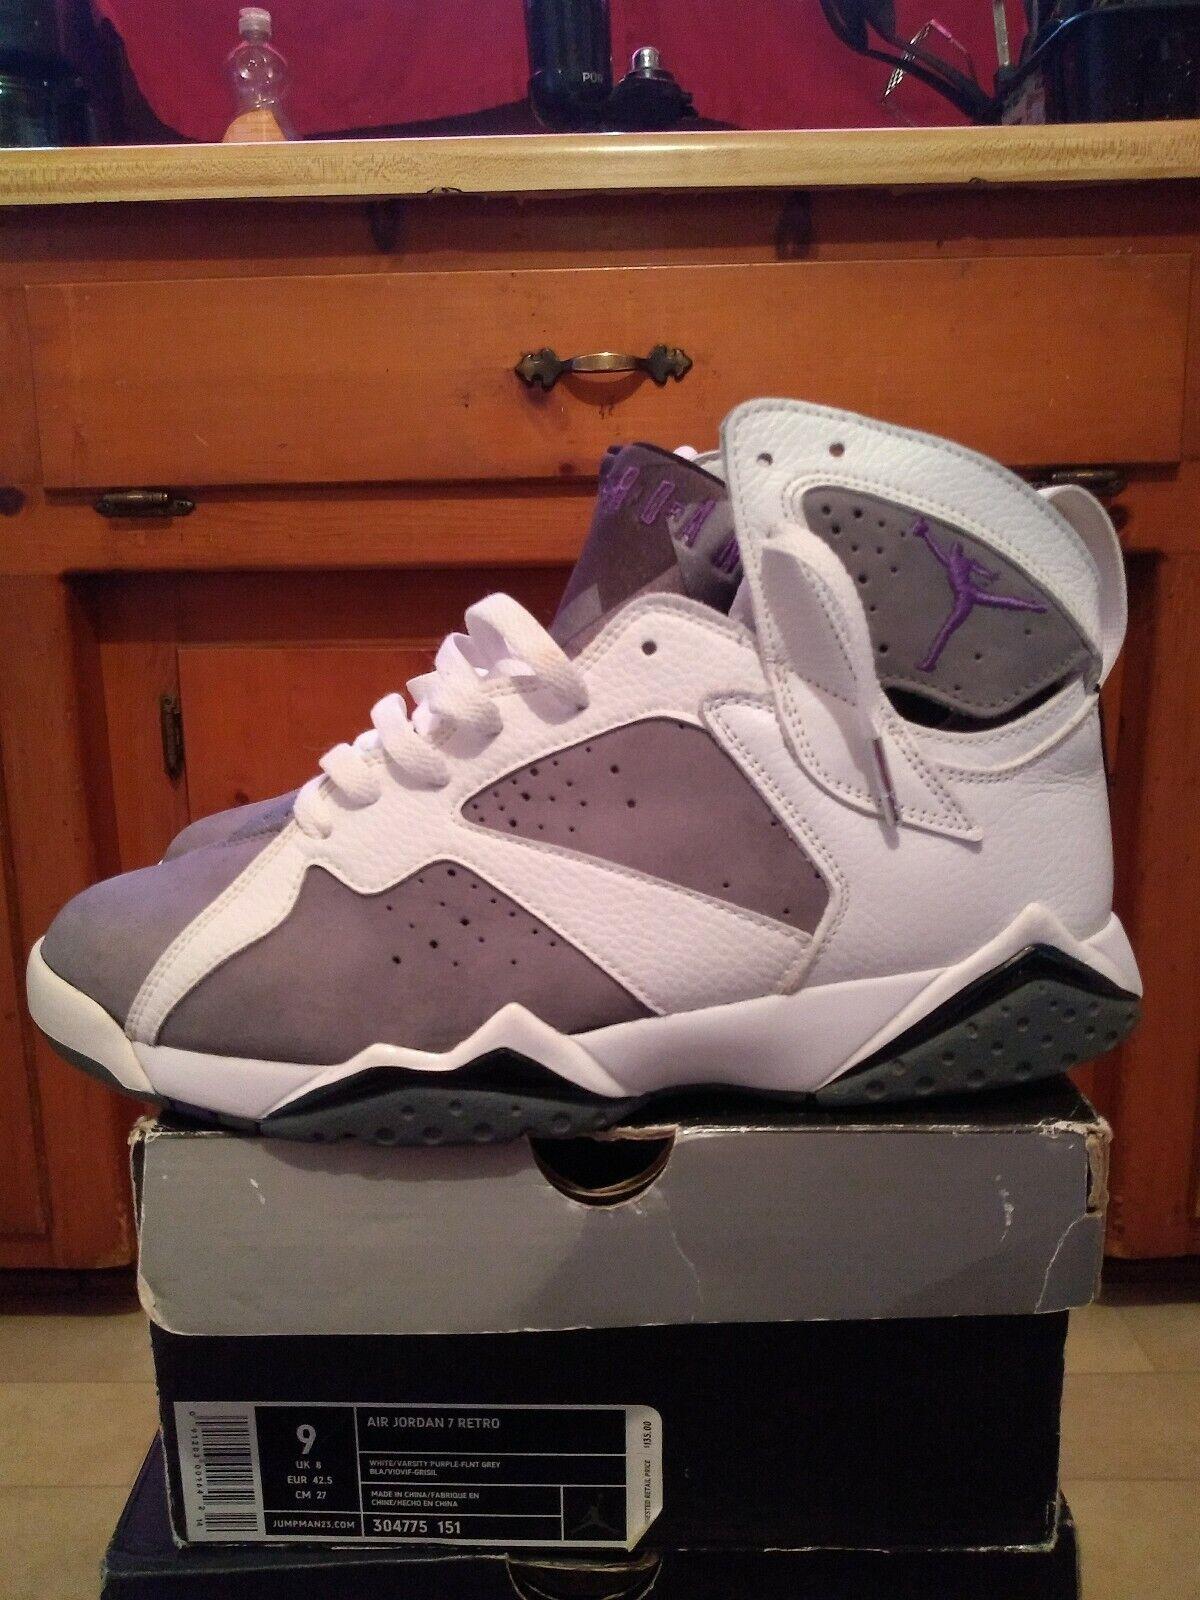 Jordan 7 Flint Taille 9